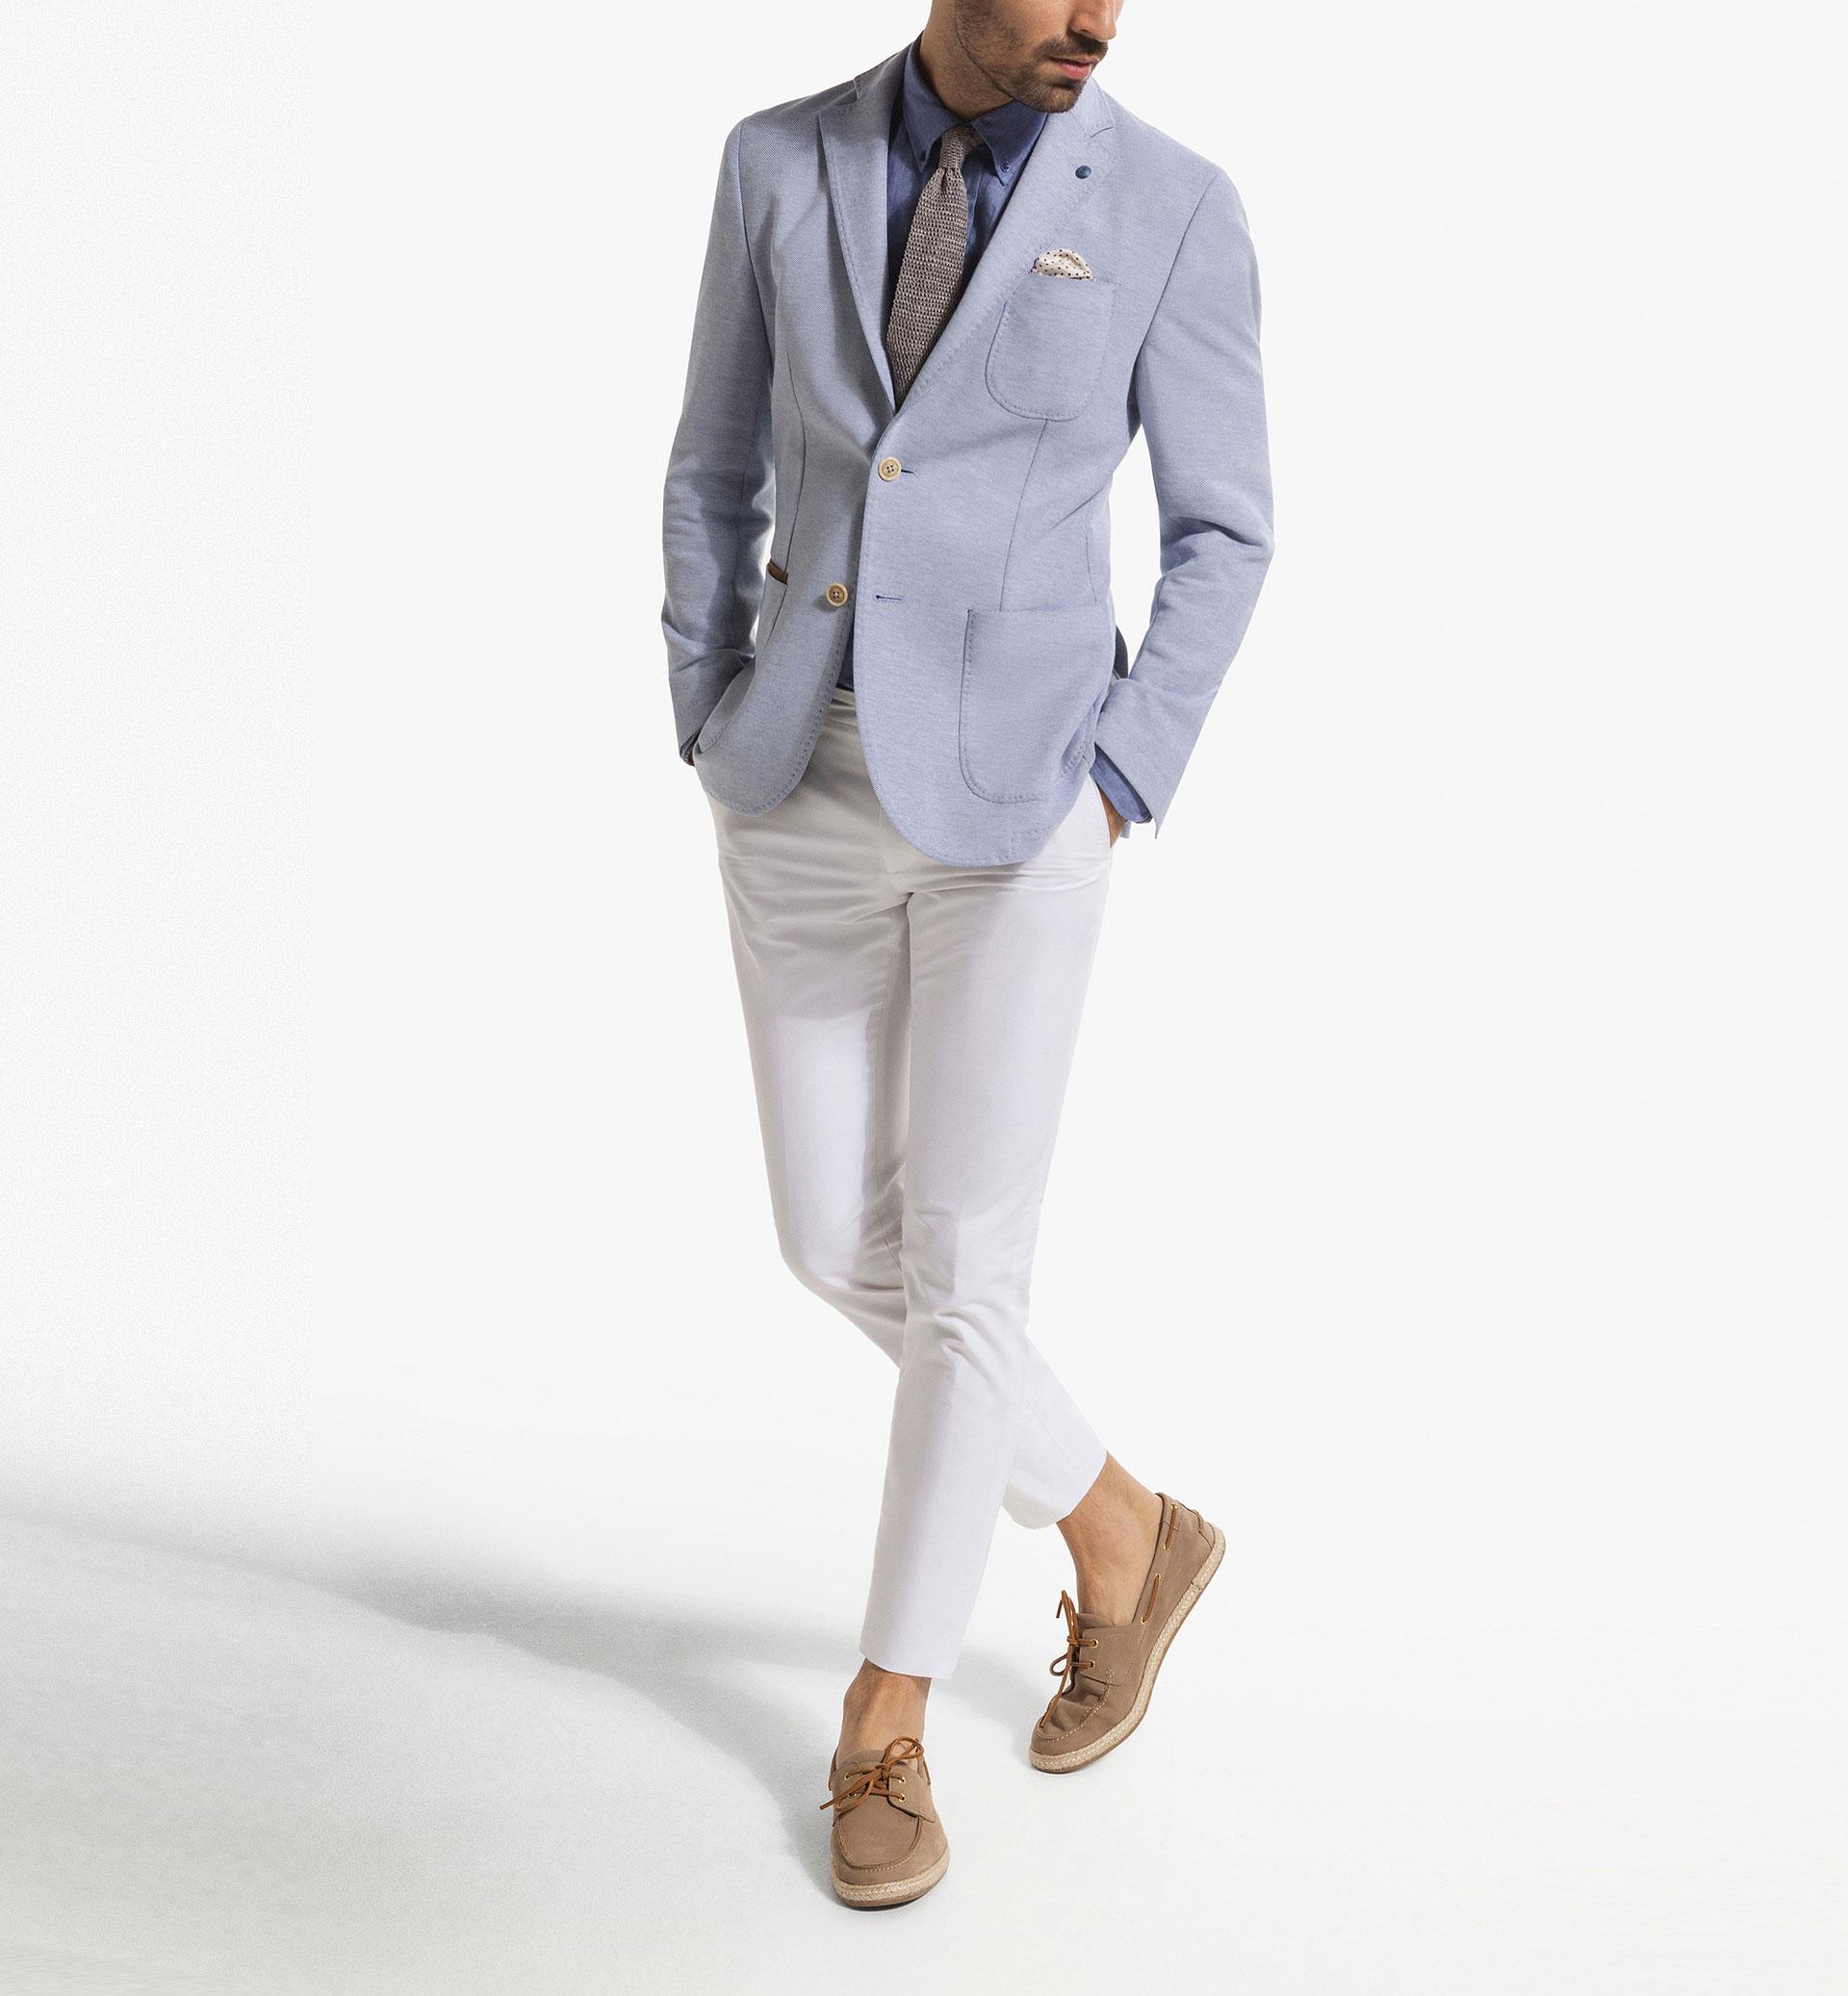 53de0c2ab I'm a stylist and a suitor for Massimo Dutti; AMA : malefashionadvice